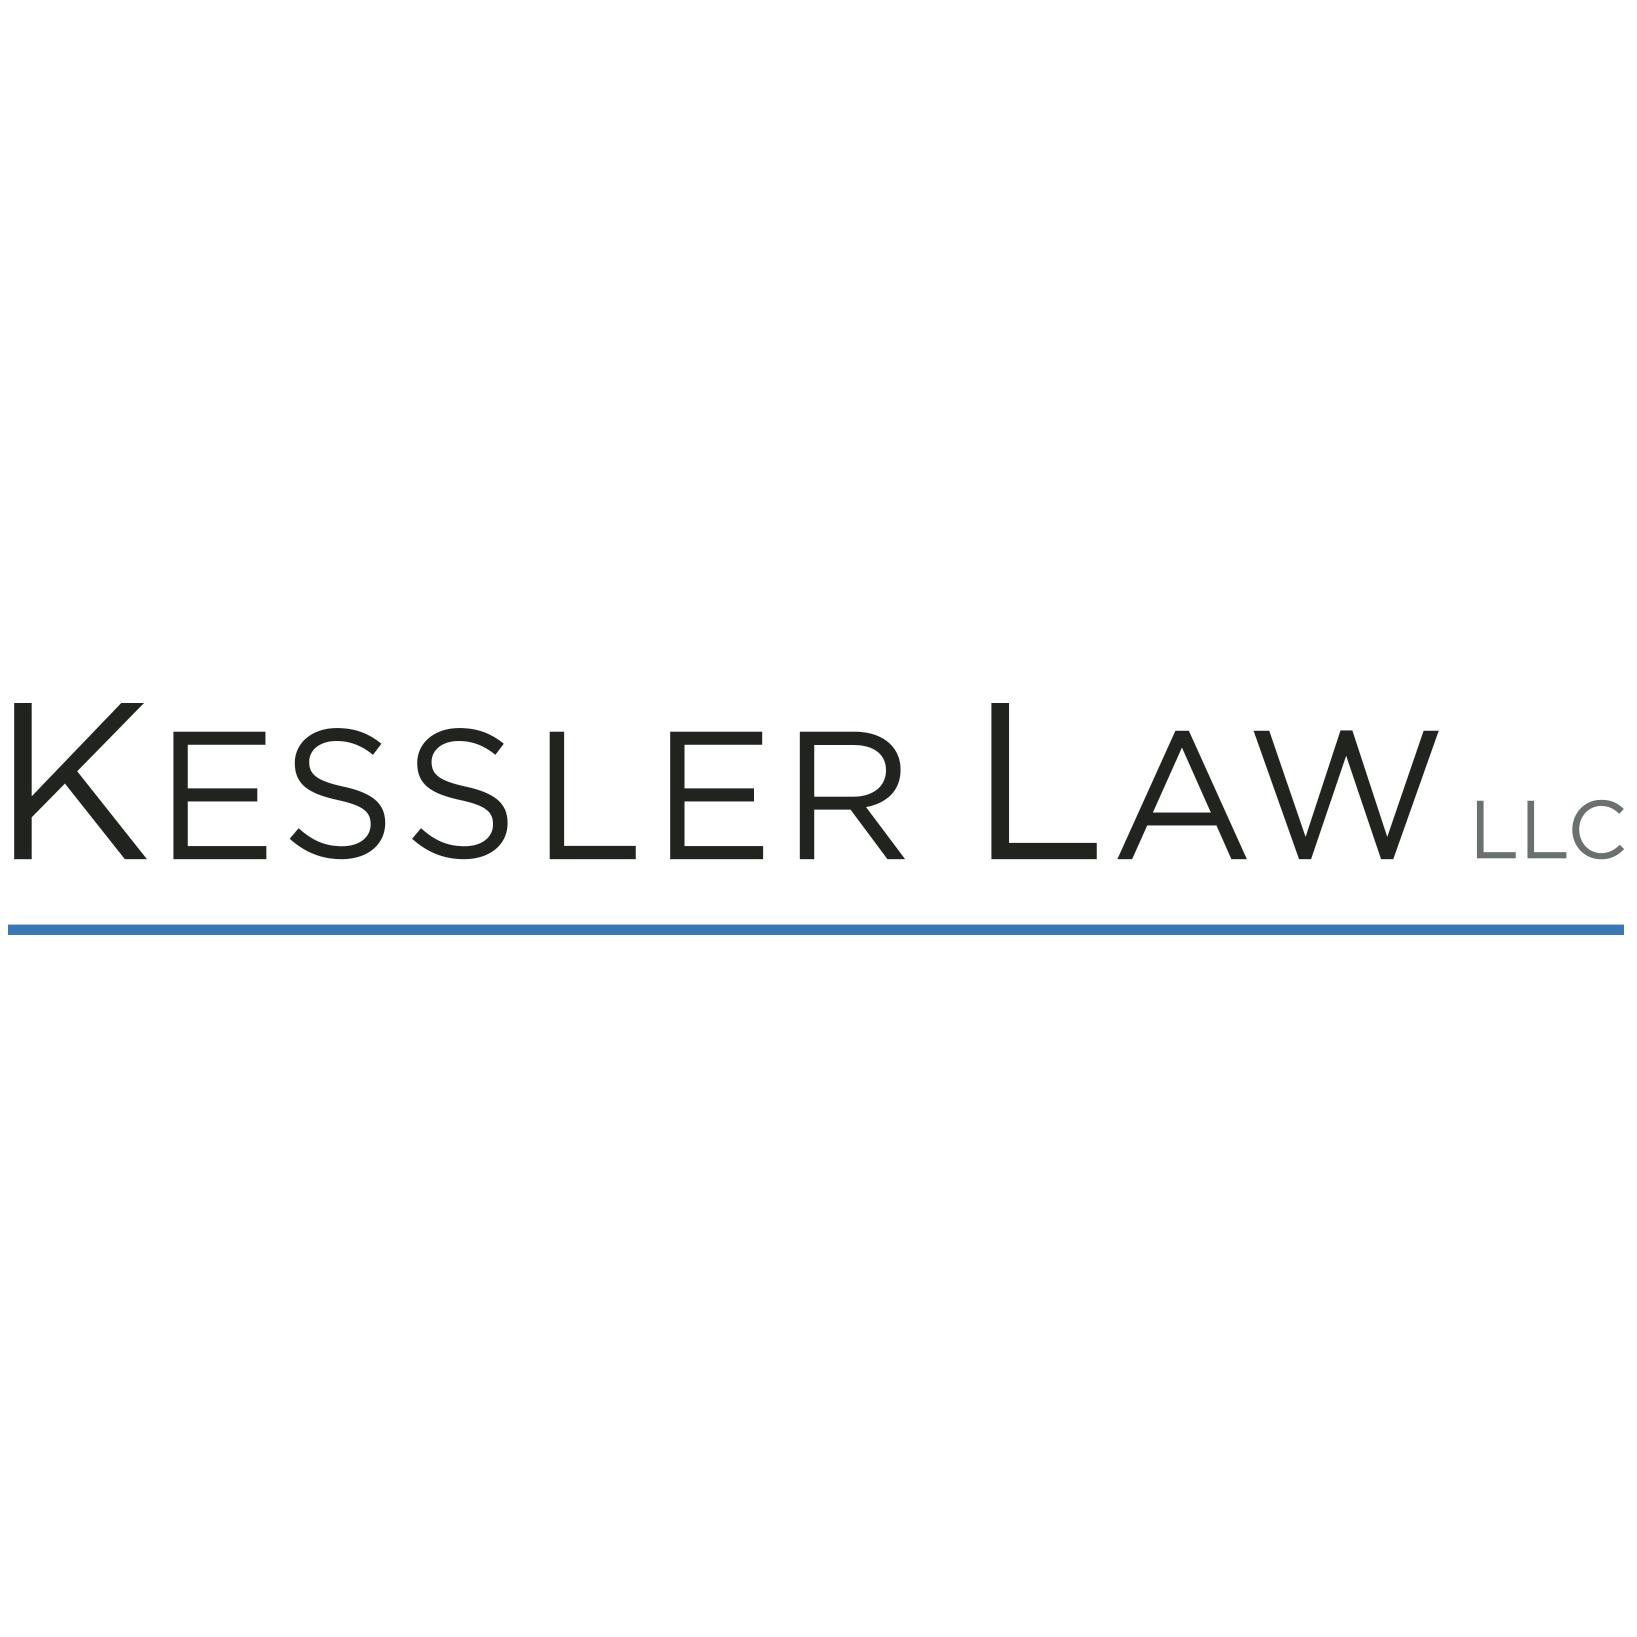 Kessler Law, LLC